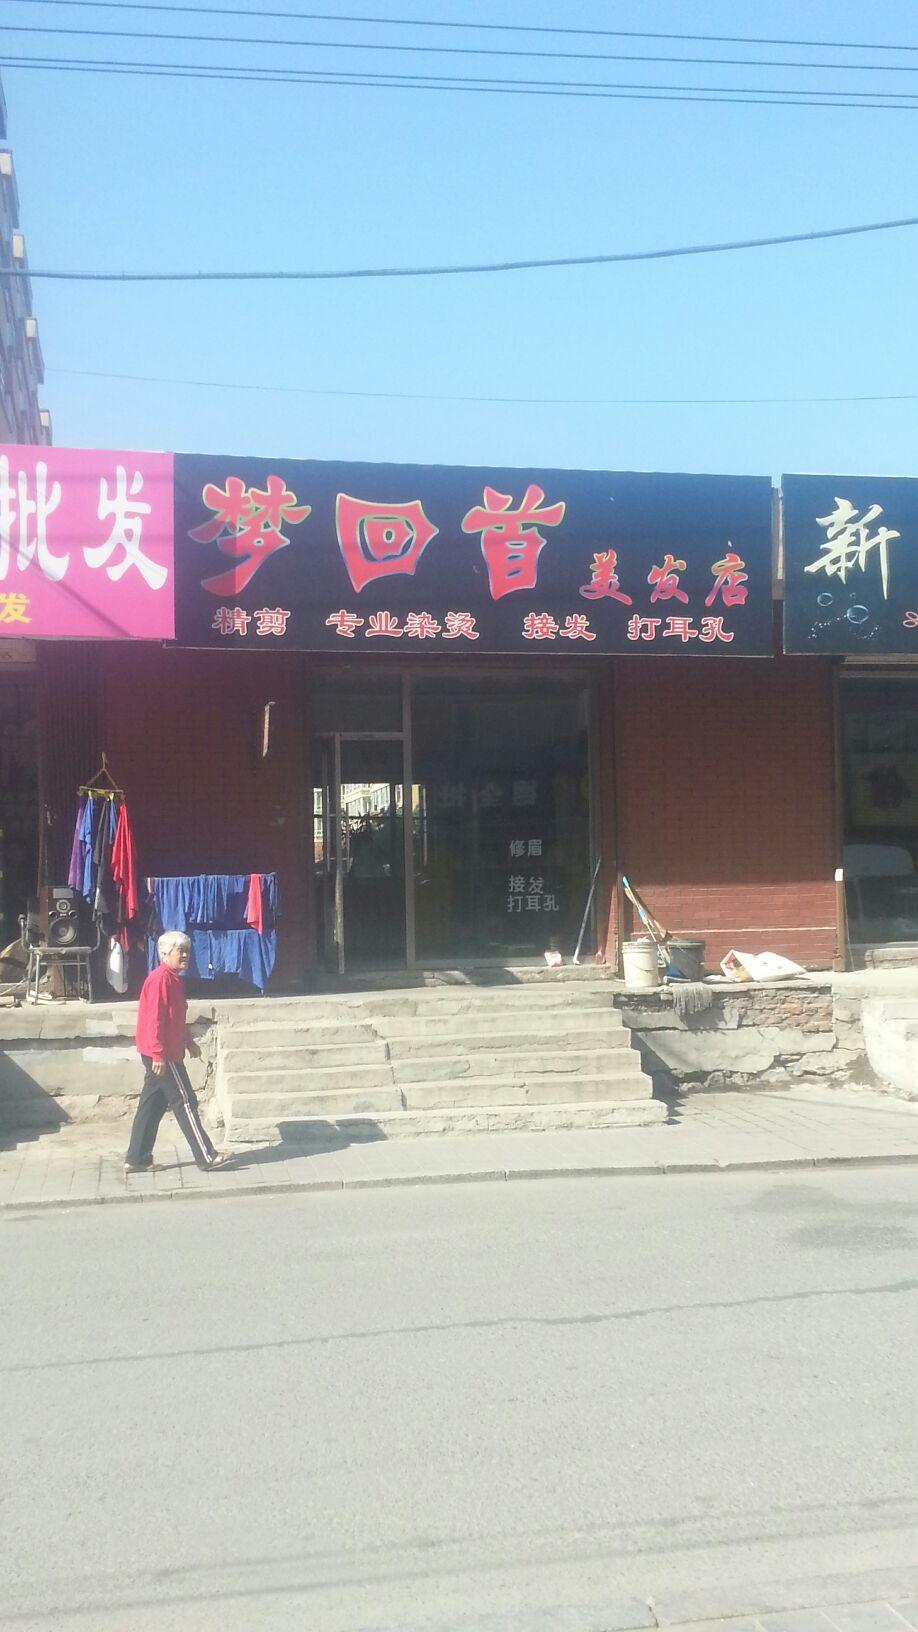 吉林省长春市双阳区玉山路257图片